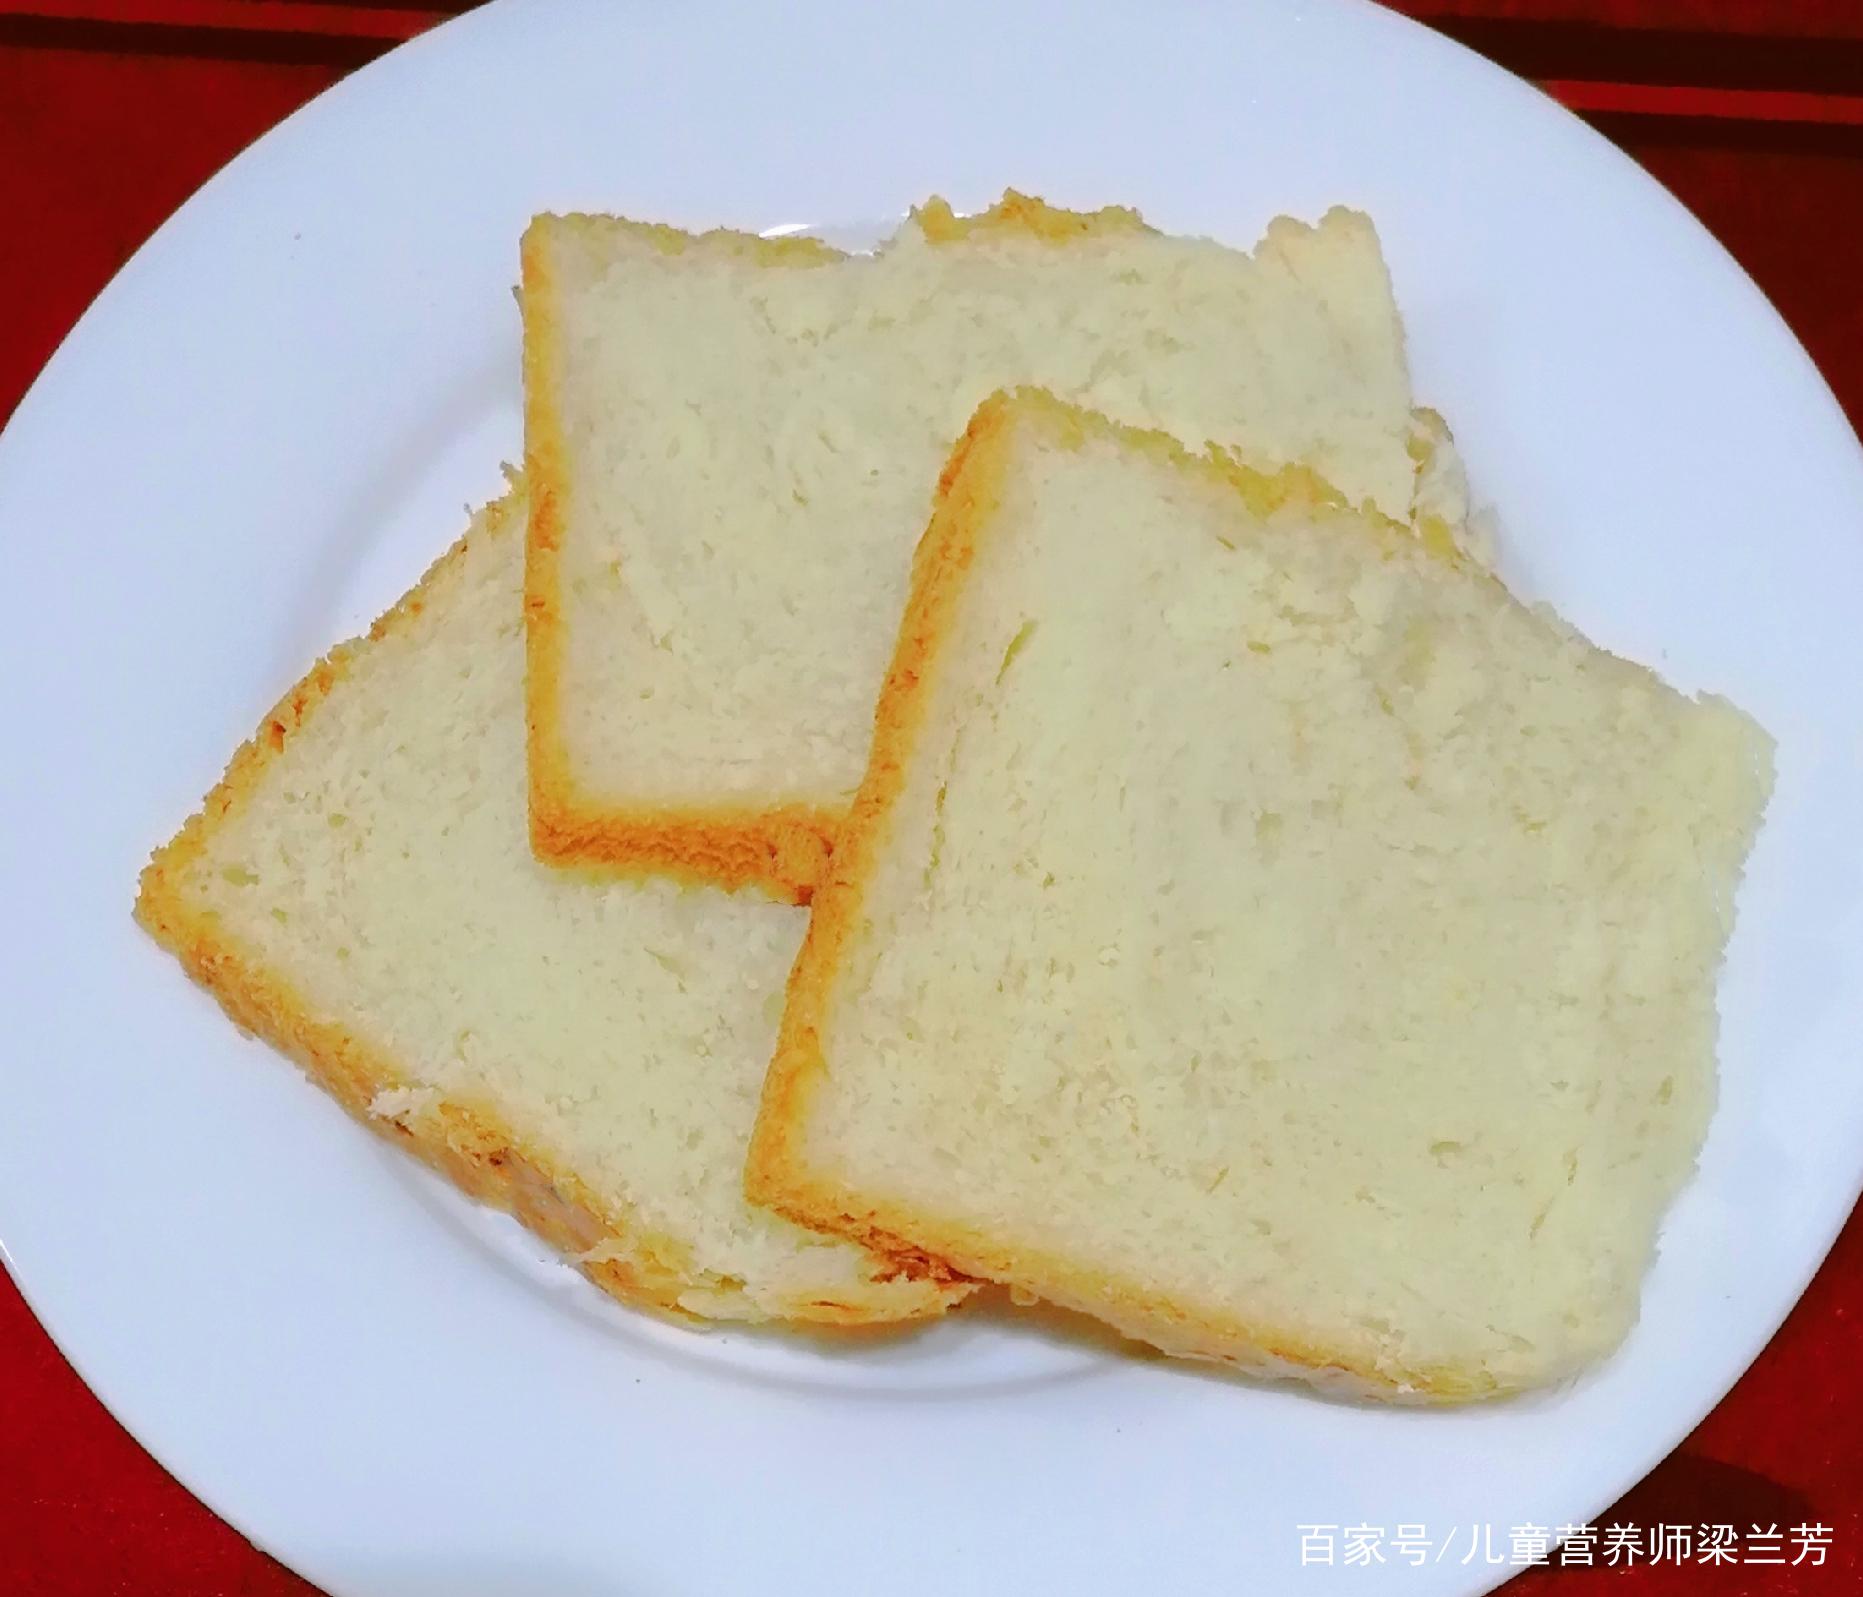 奶香吐司面包,在家自己就能做的美味,非常松软好吃,奶香浓郁